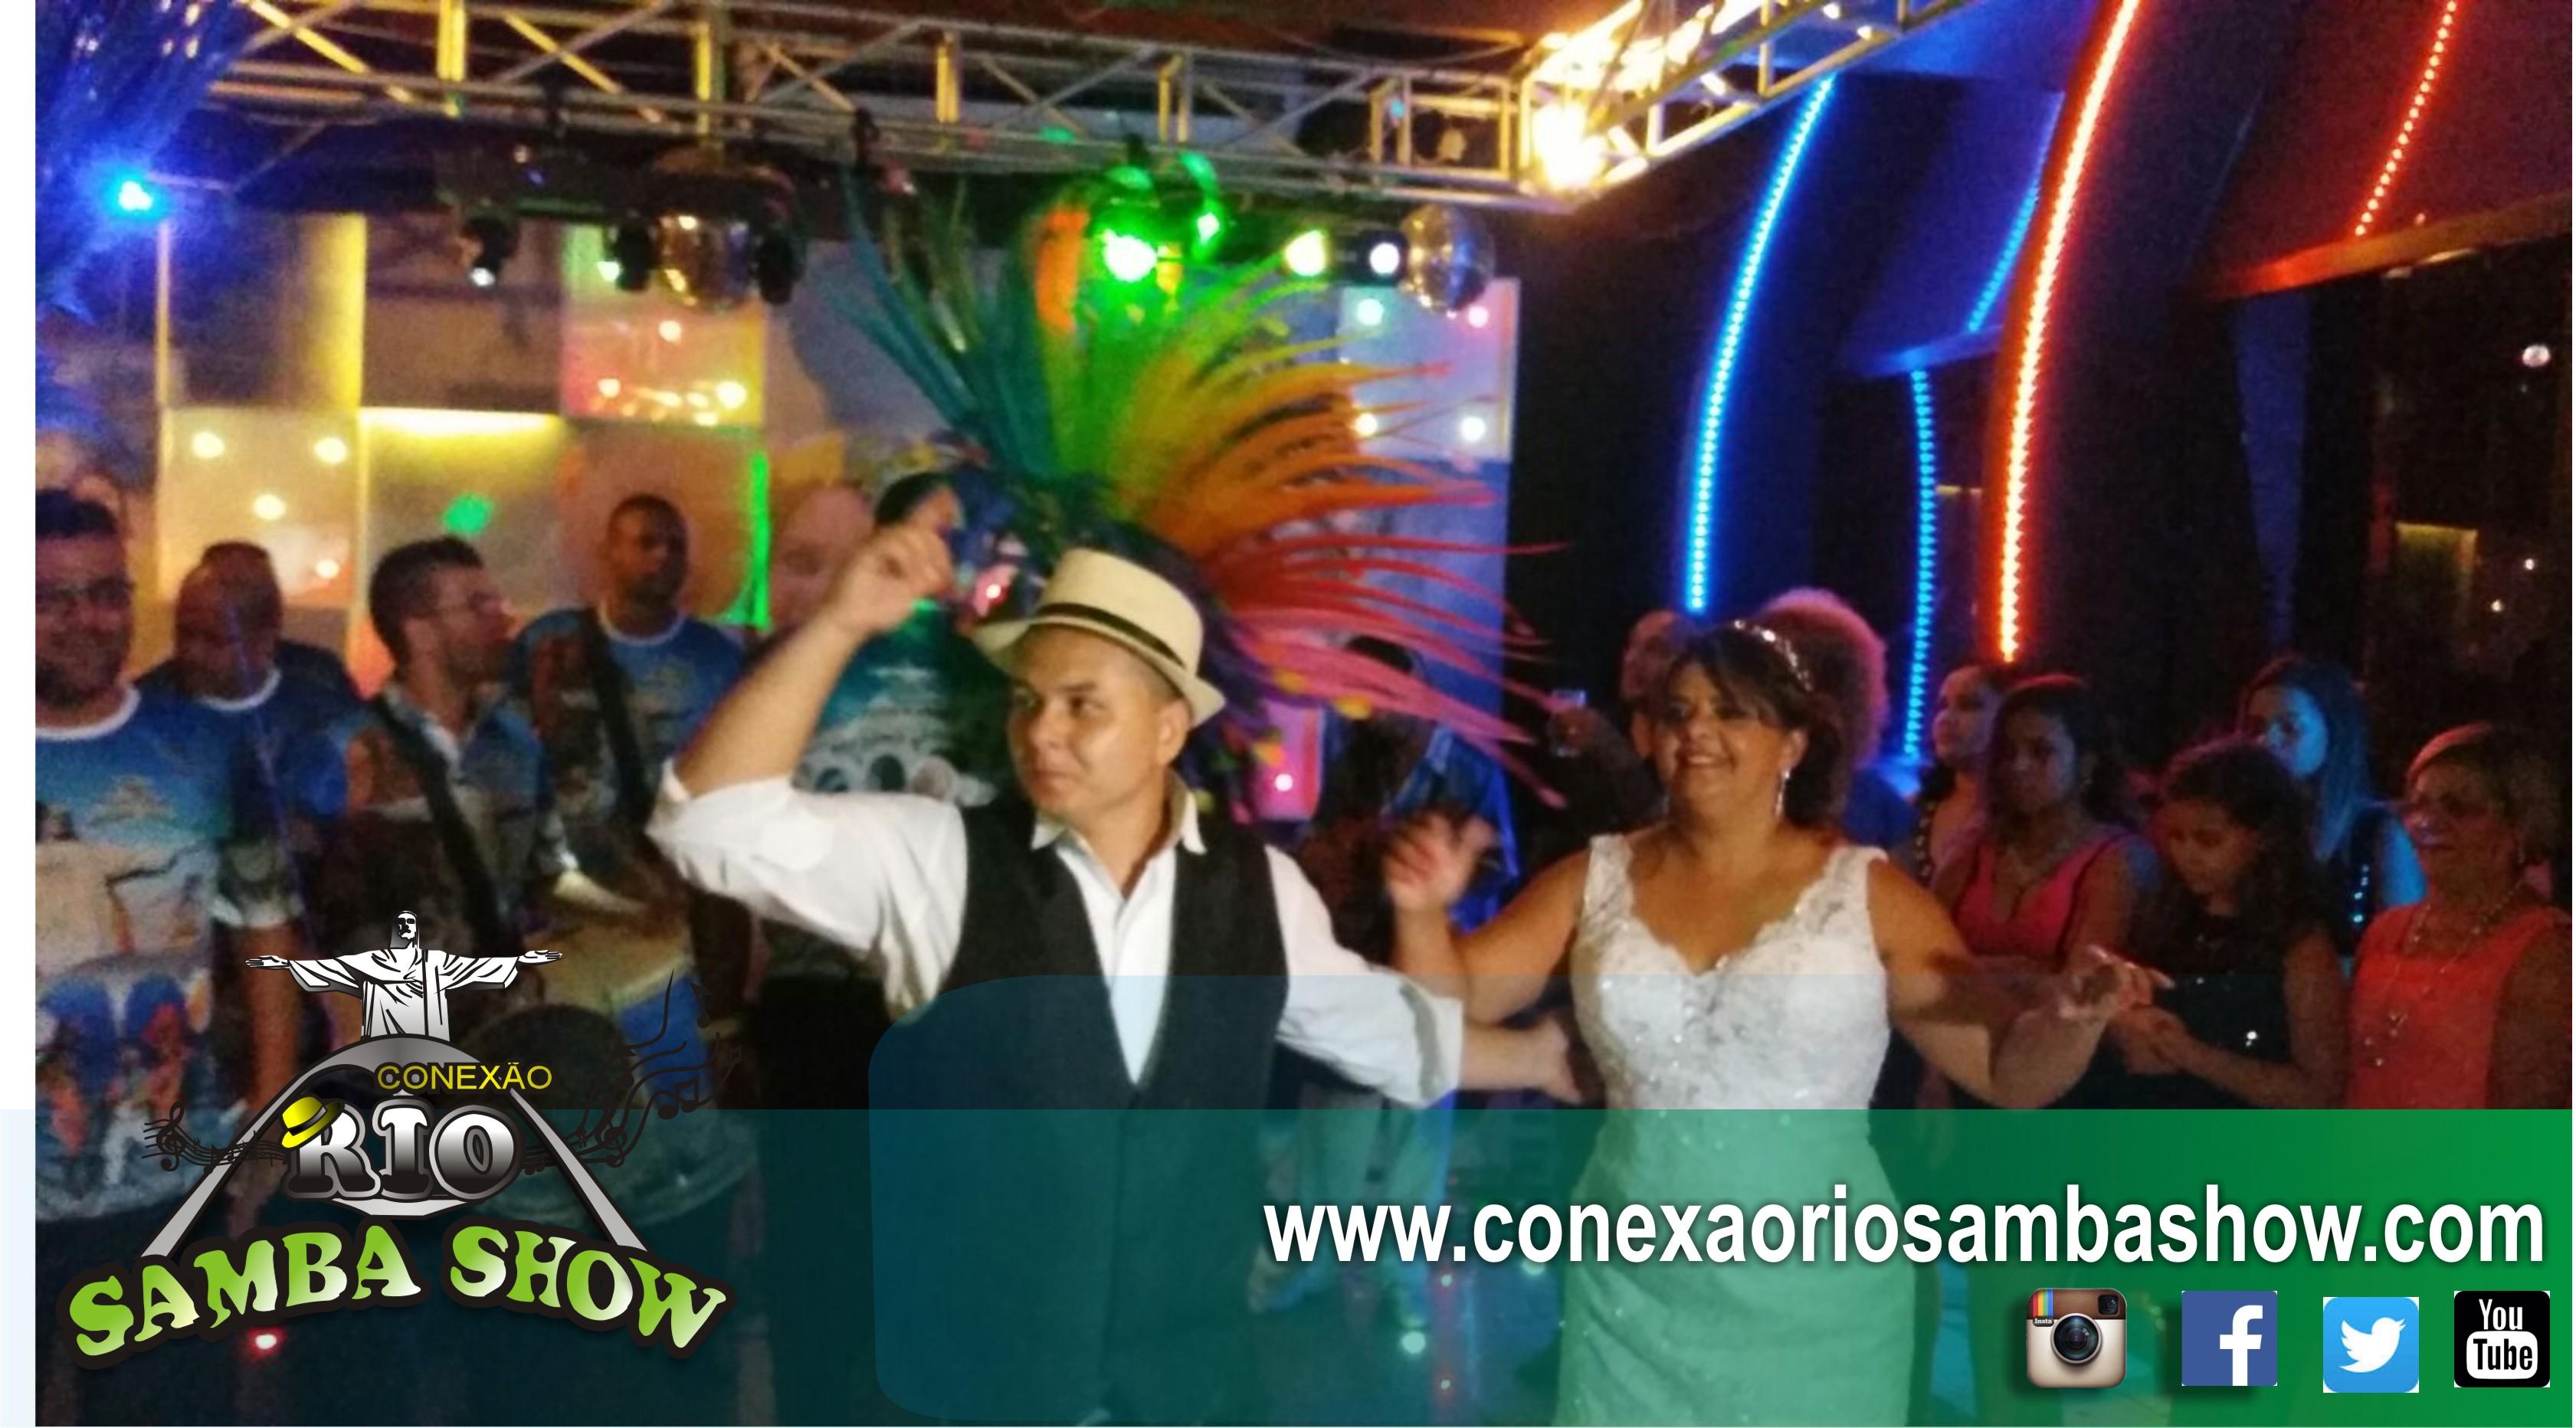 conexão_rio_samba_show_09